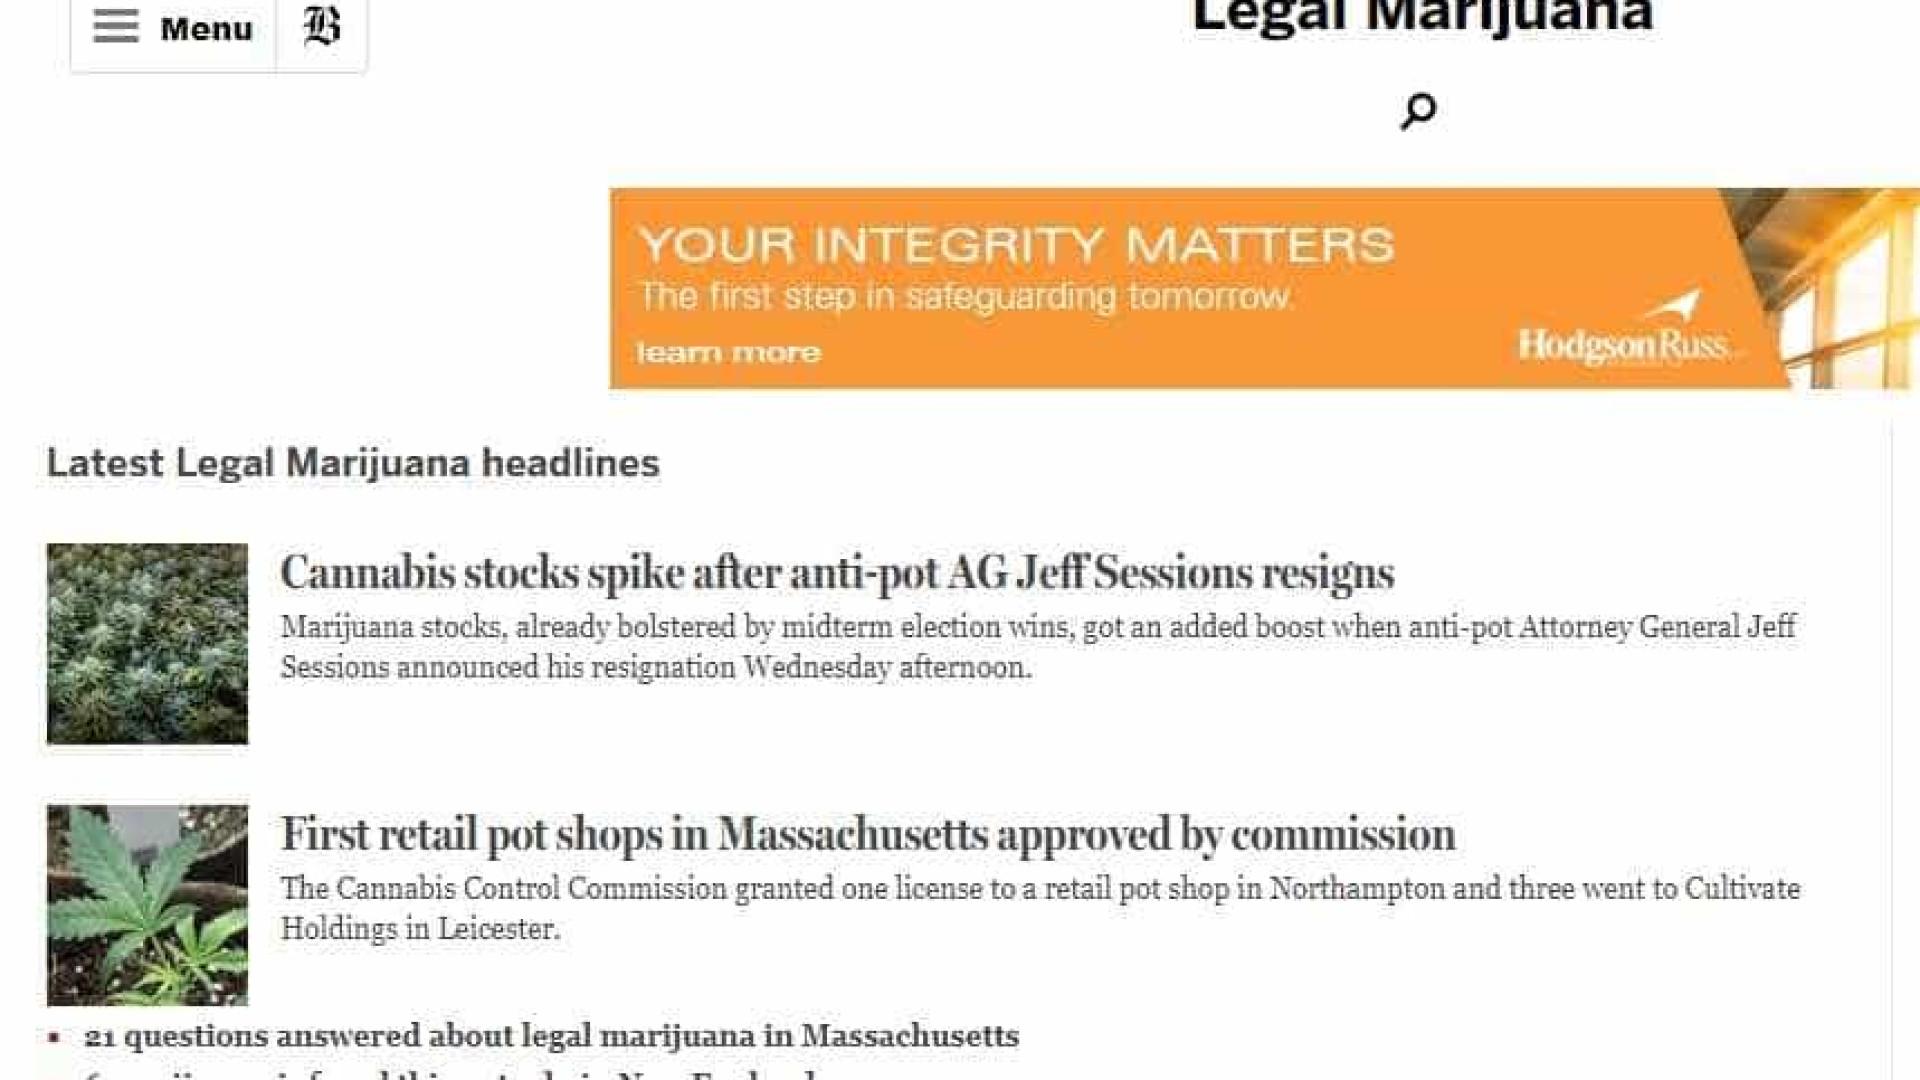 Às vésperas de venda legal, 'Boston Globe' inaugura seção sobre maconha